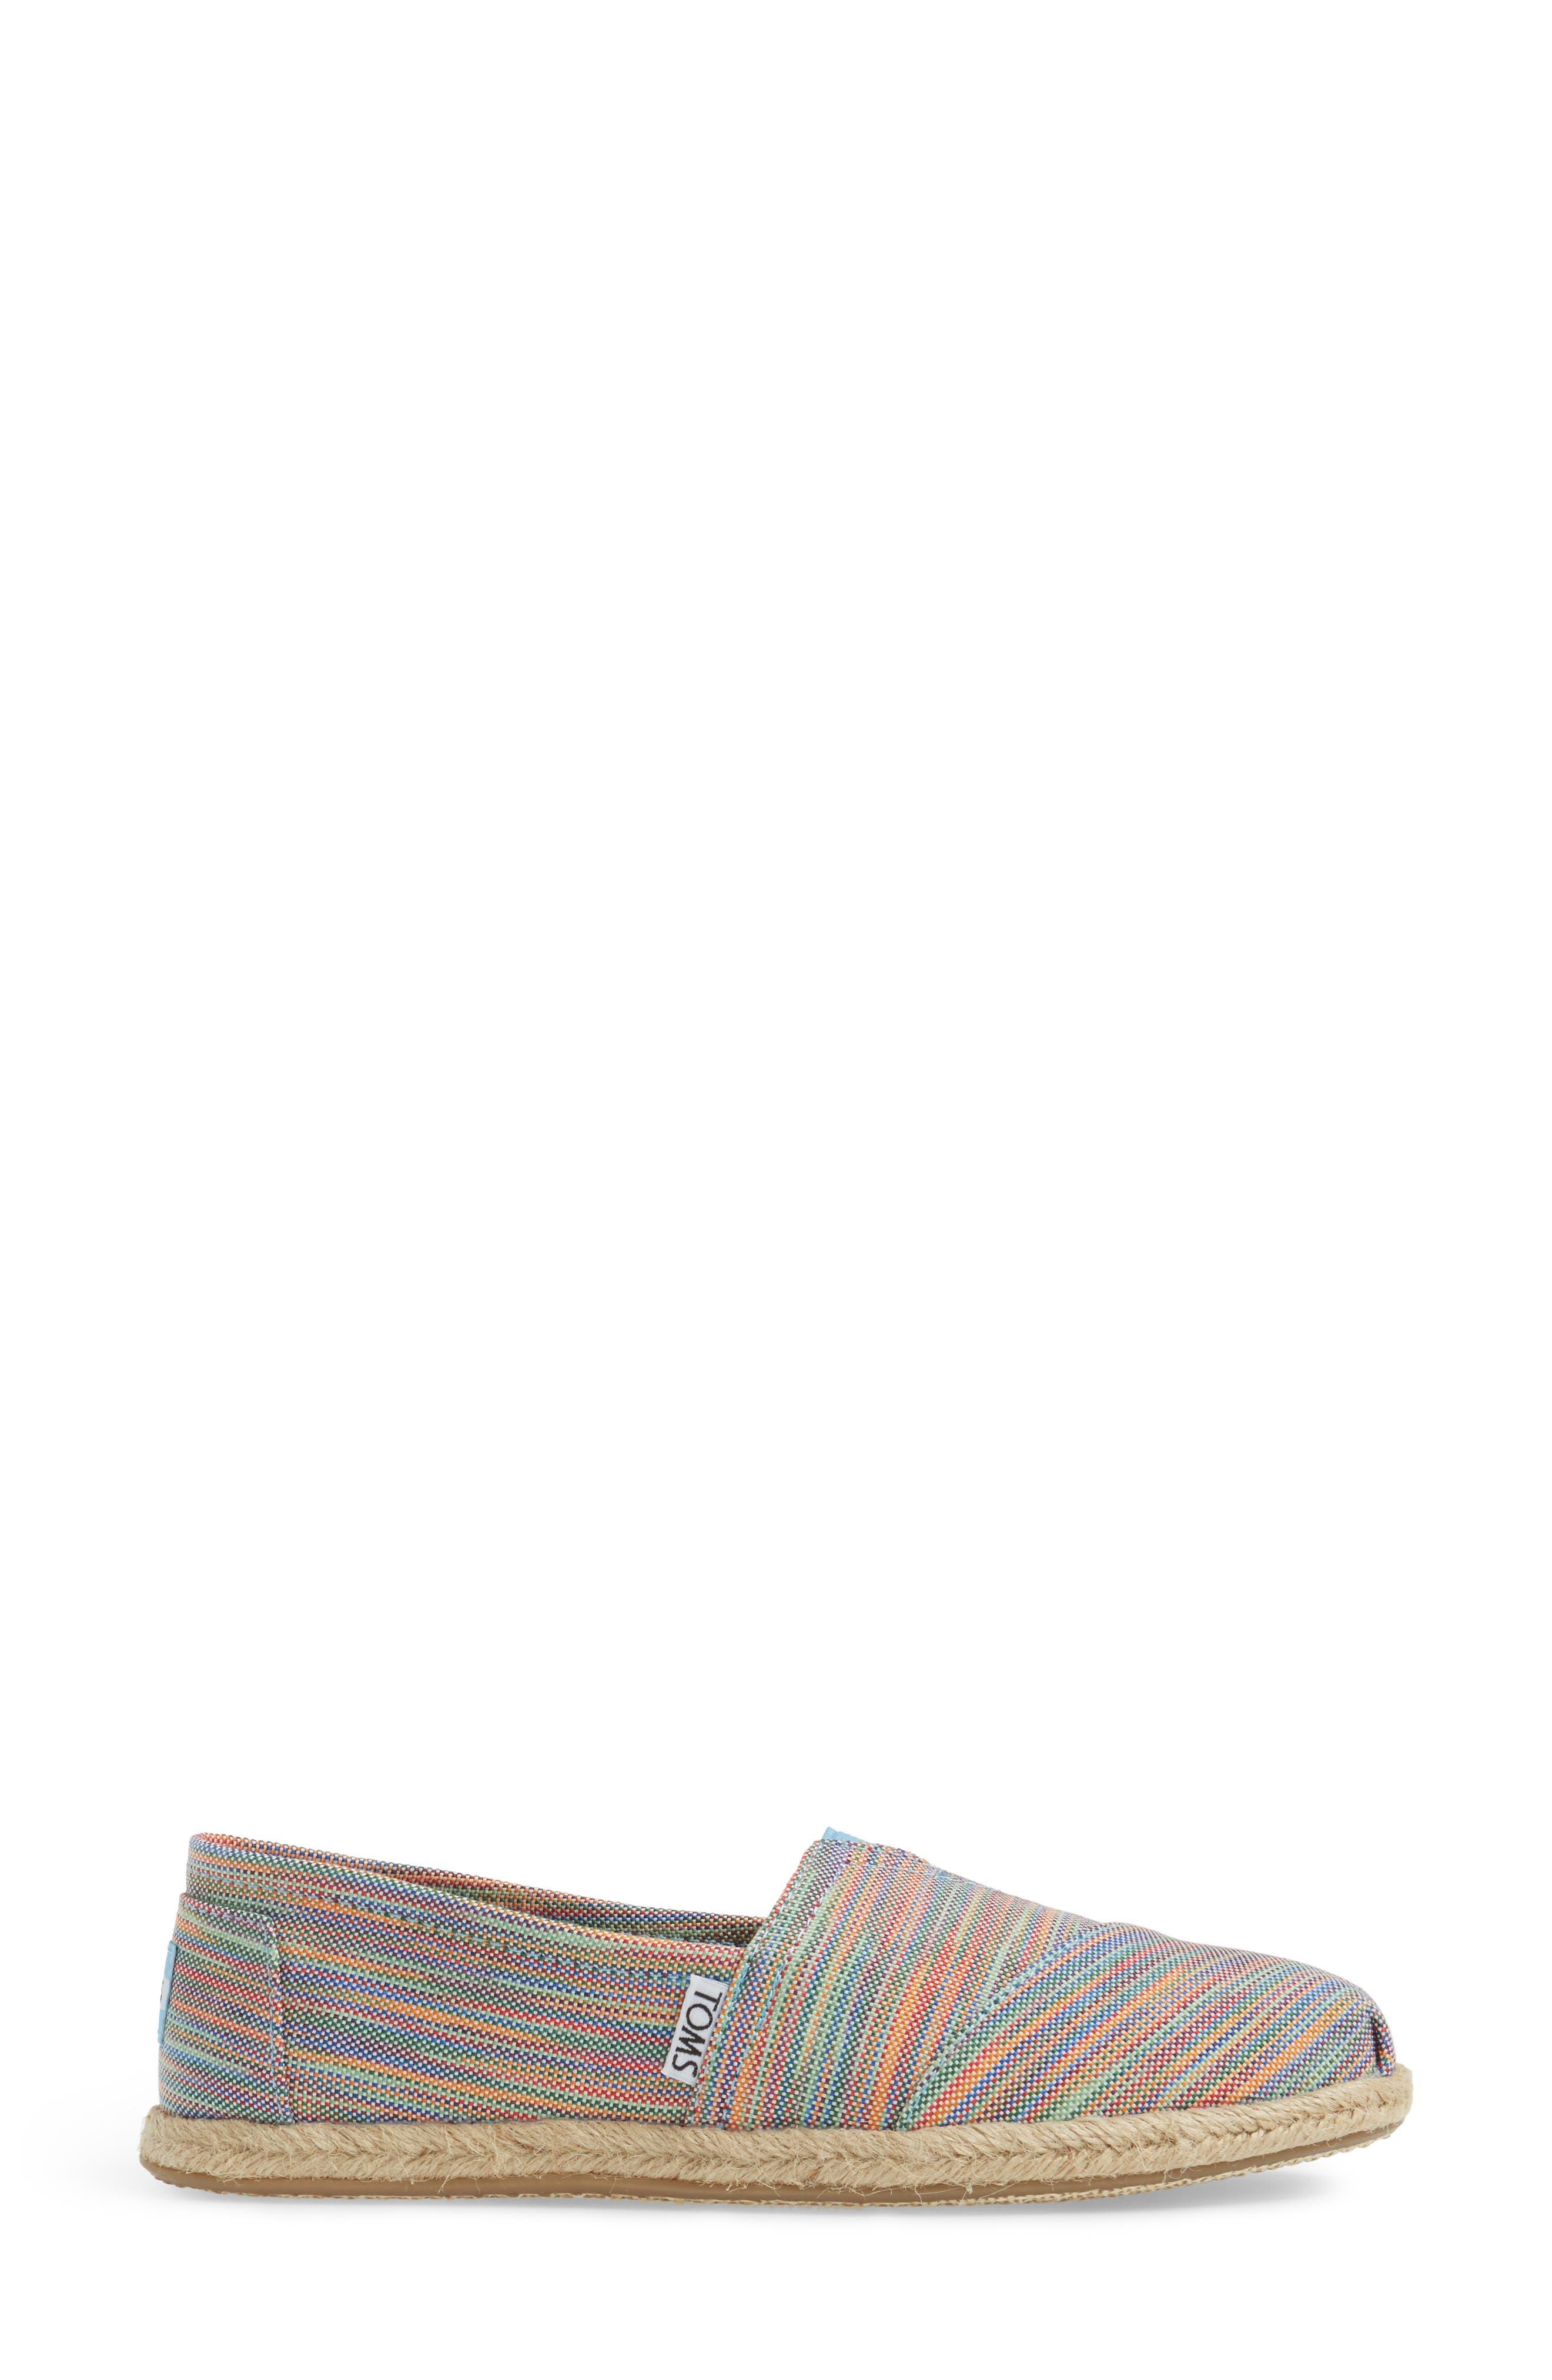 Alpargata Slip-On,                             Alternate thumbnail 3, color,                             400